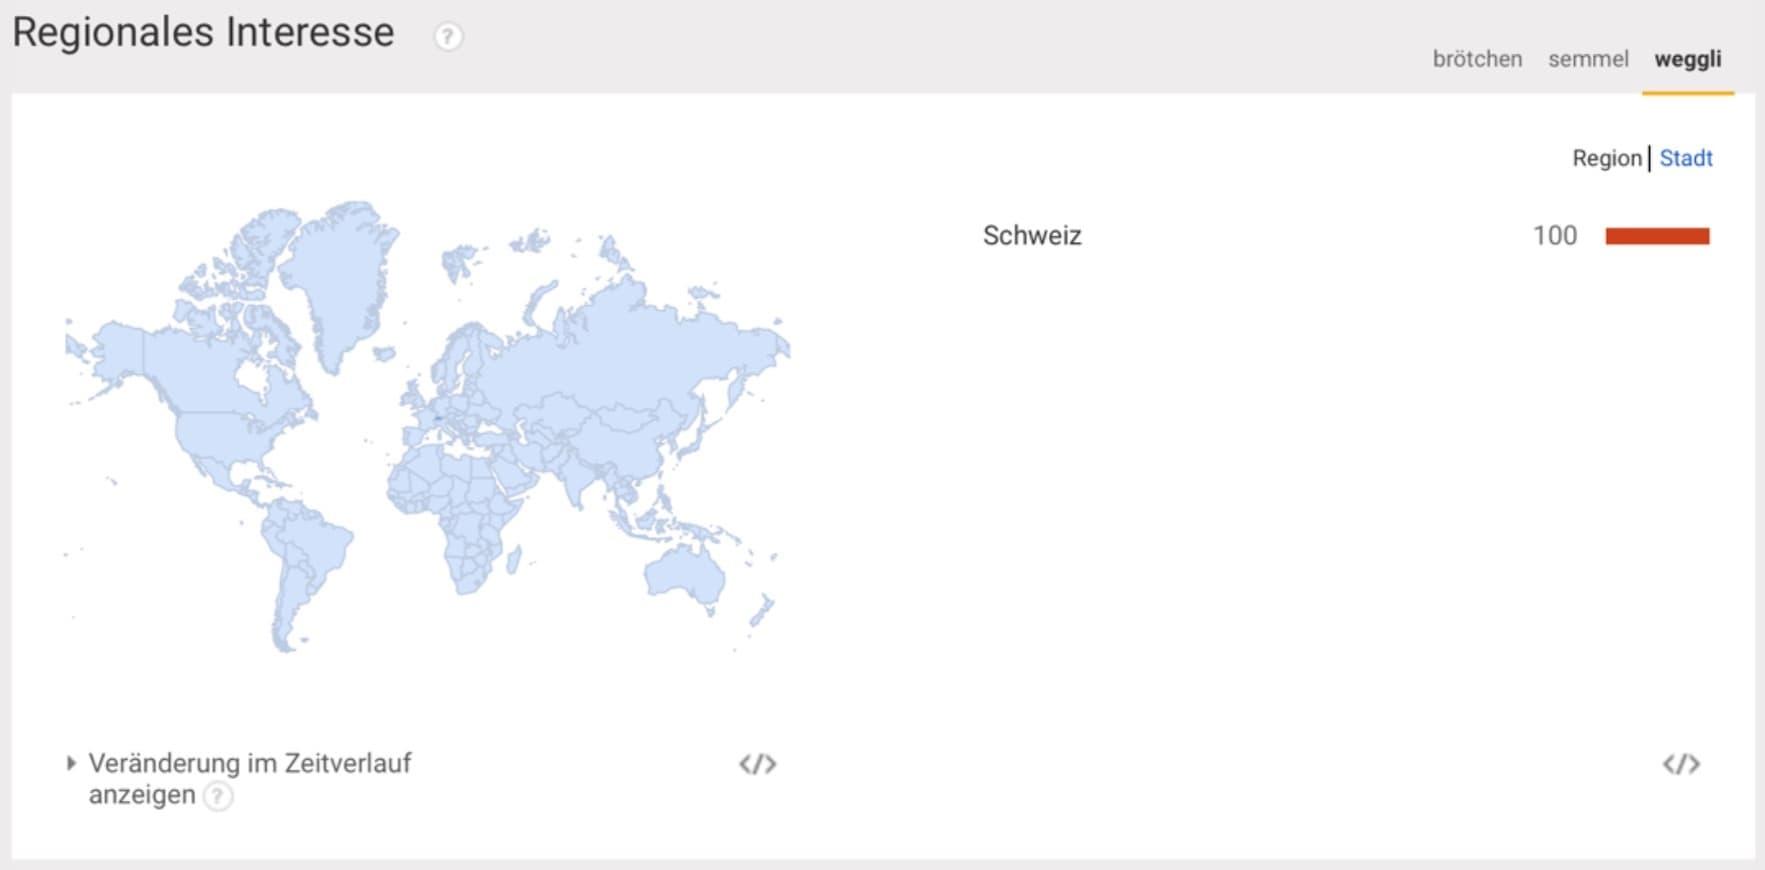 Regionales Interesse des Keywords Weggli in der Schweiz bei Google Trends